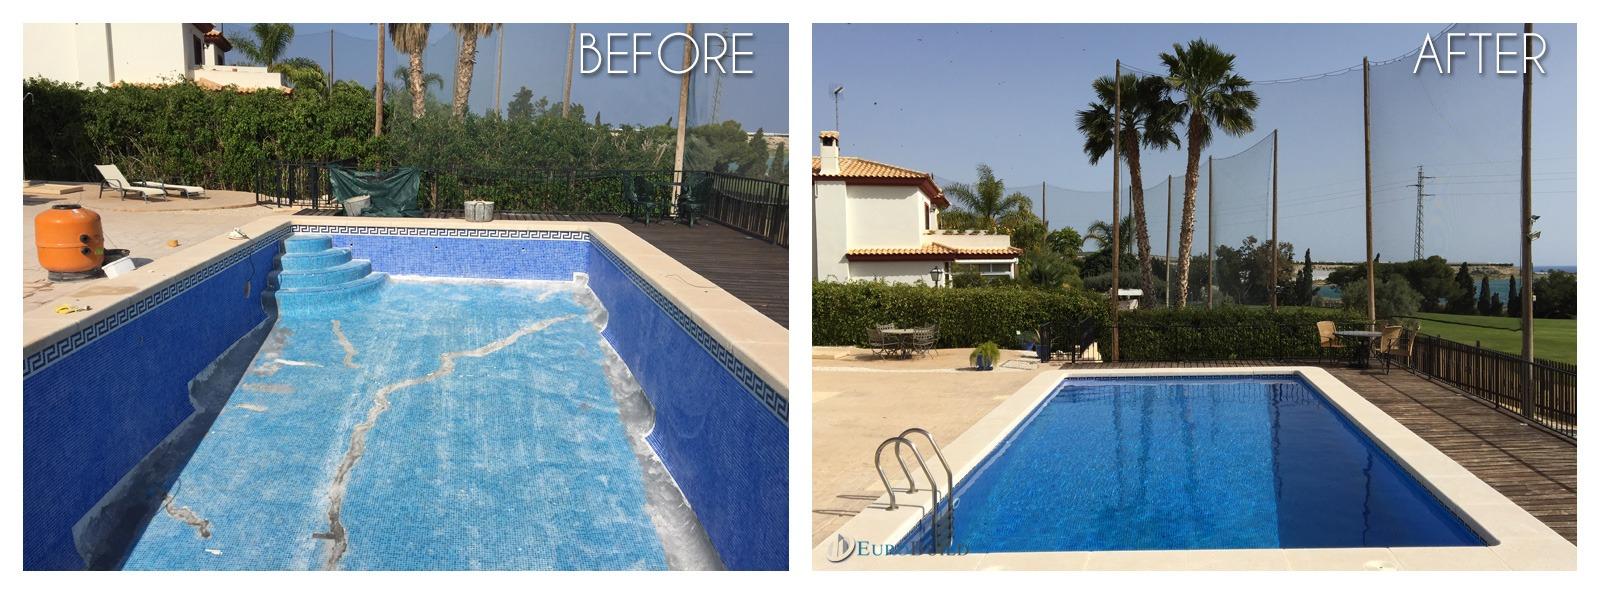 Swimming pool repair in Bonalba